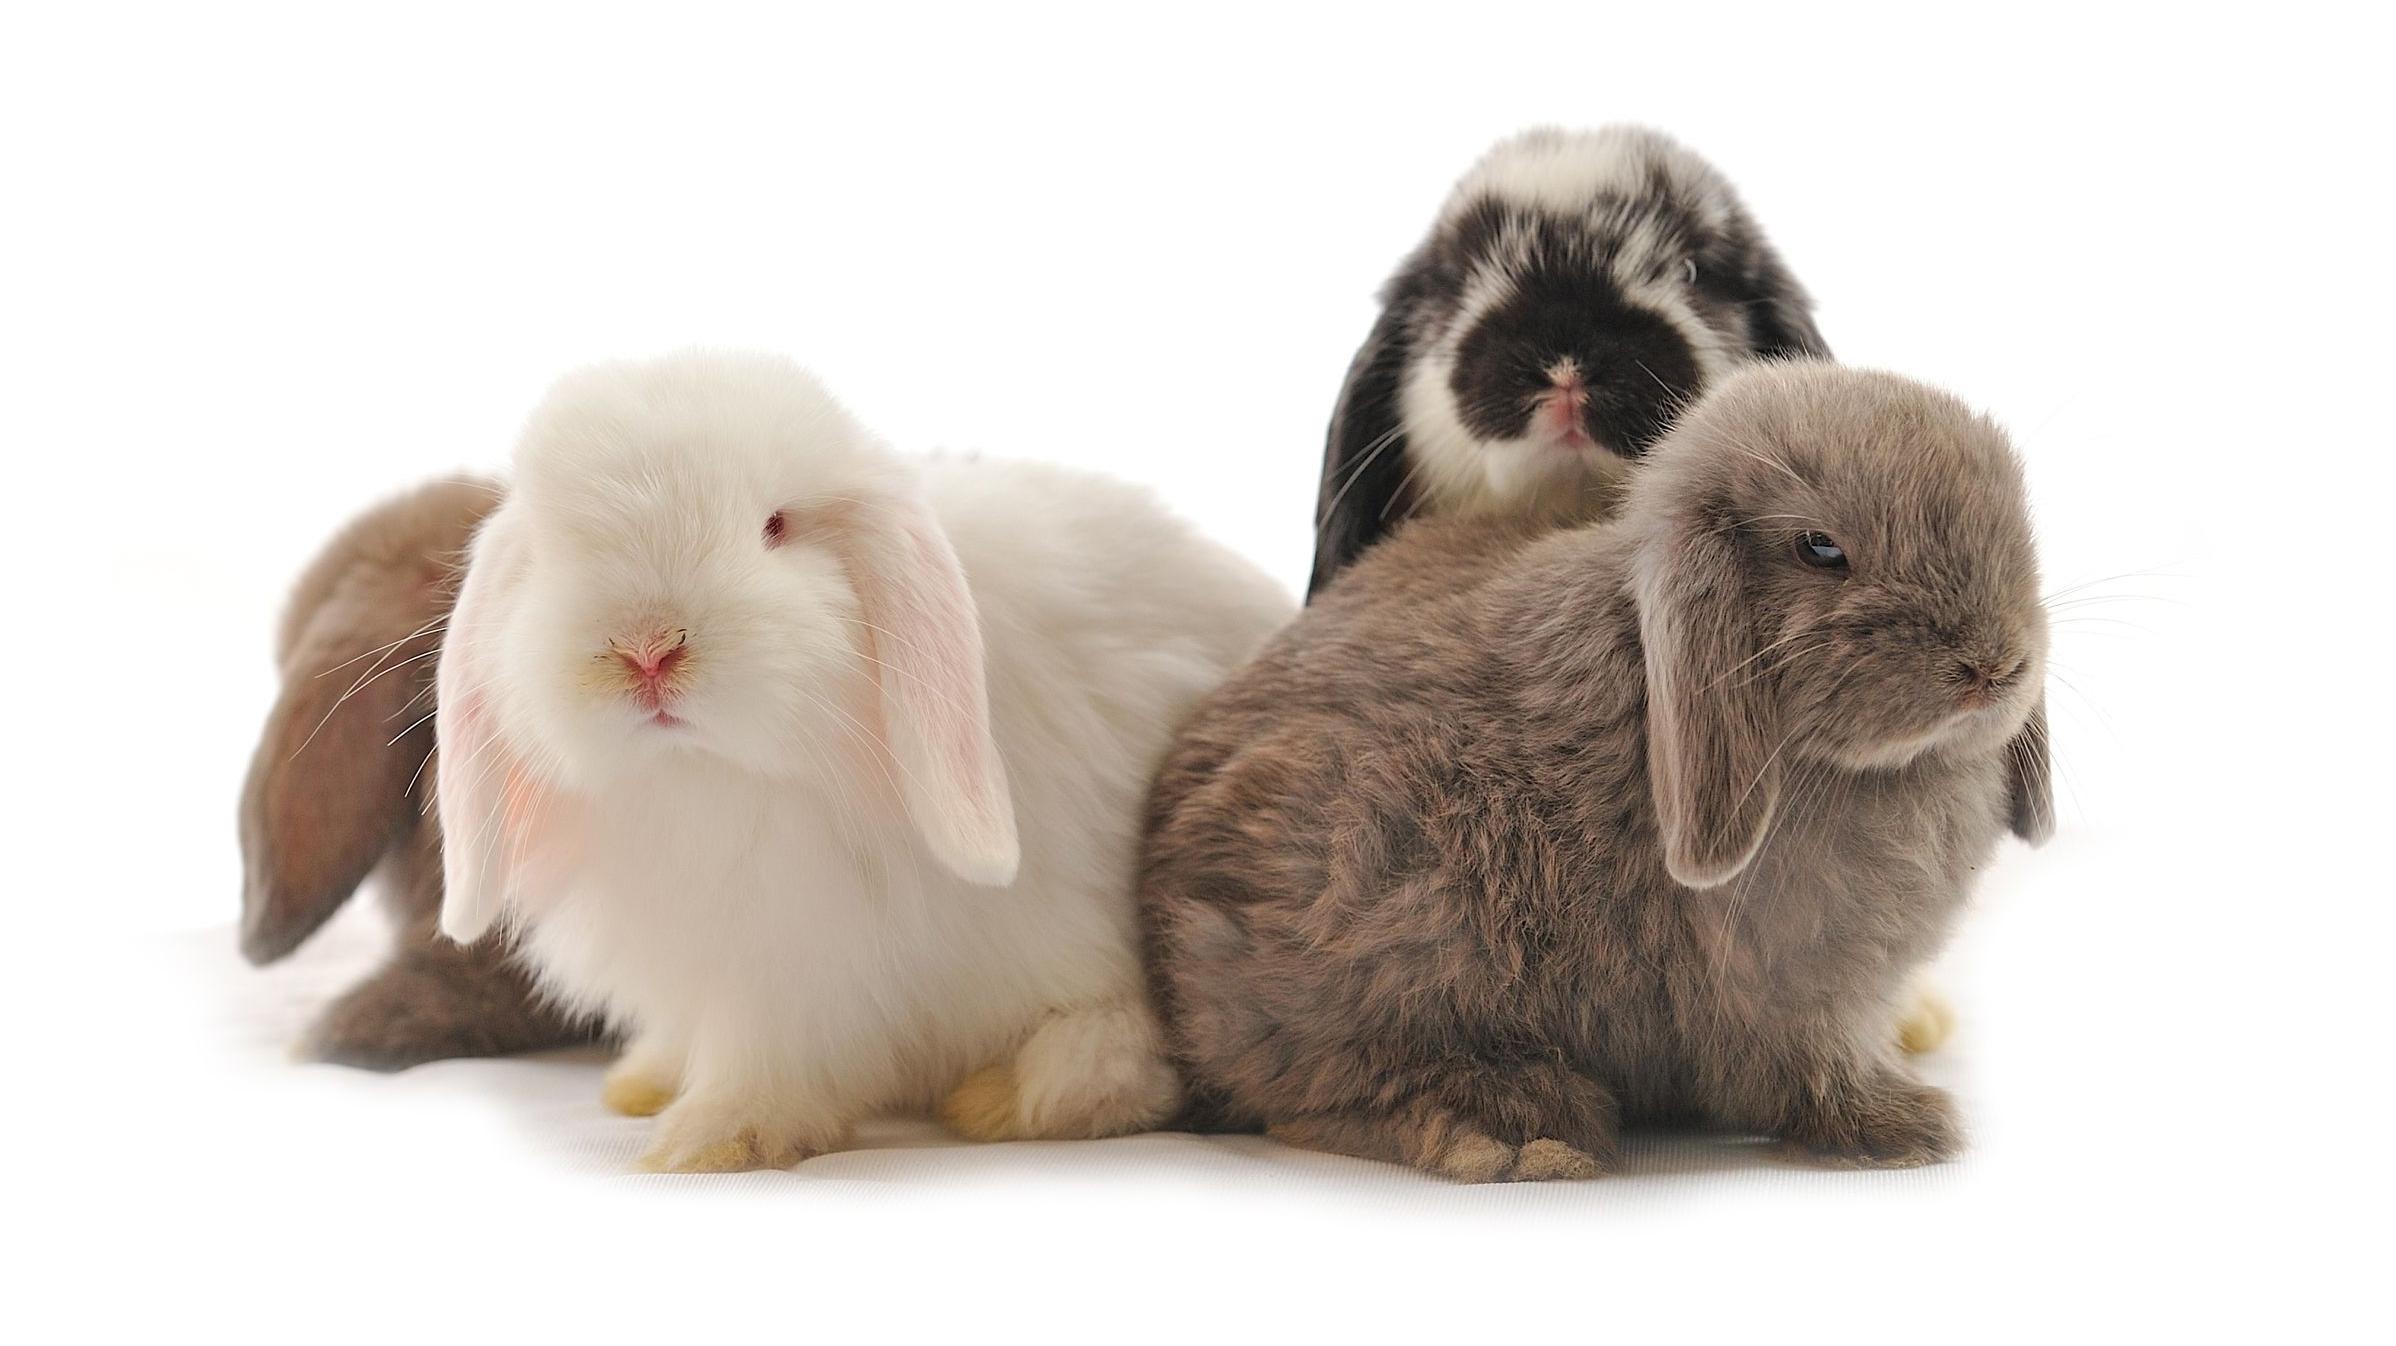 fertilty-rabbits